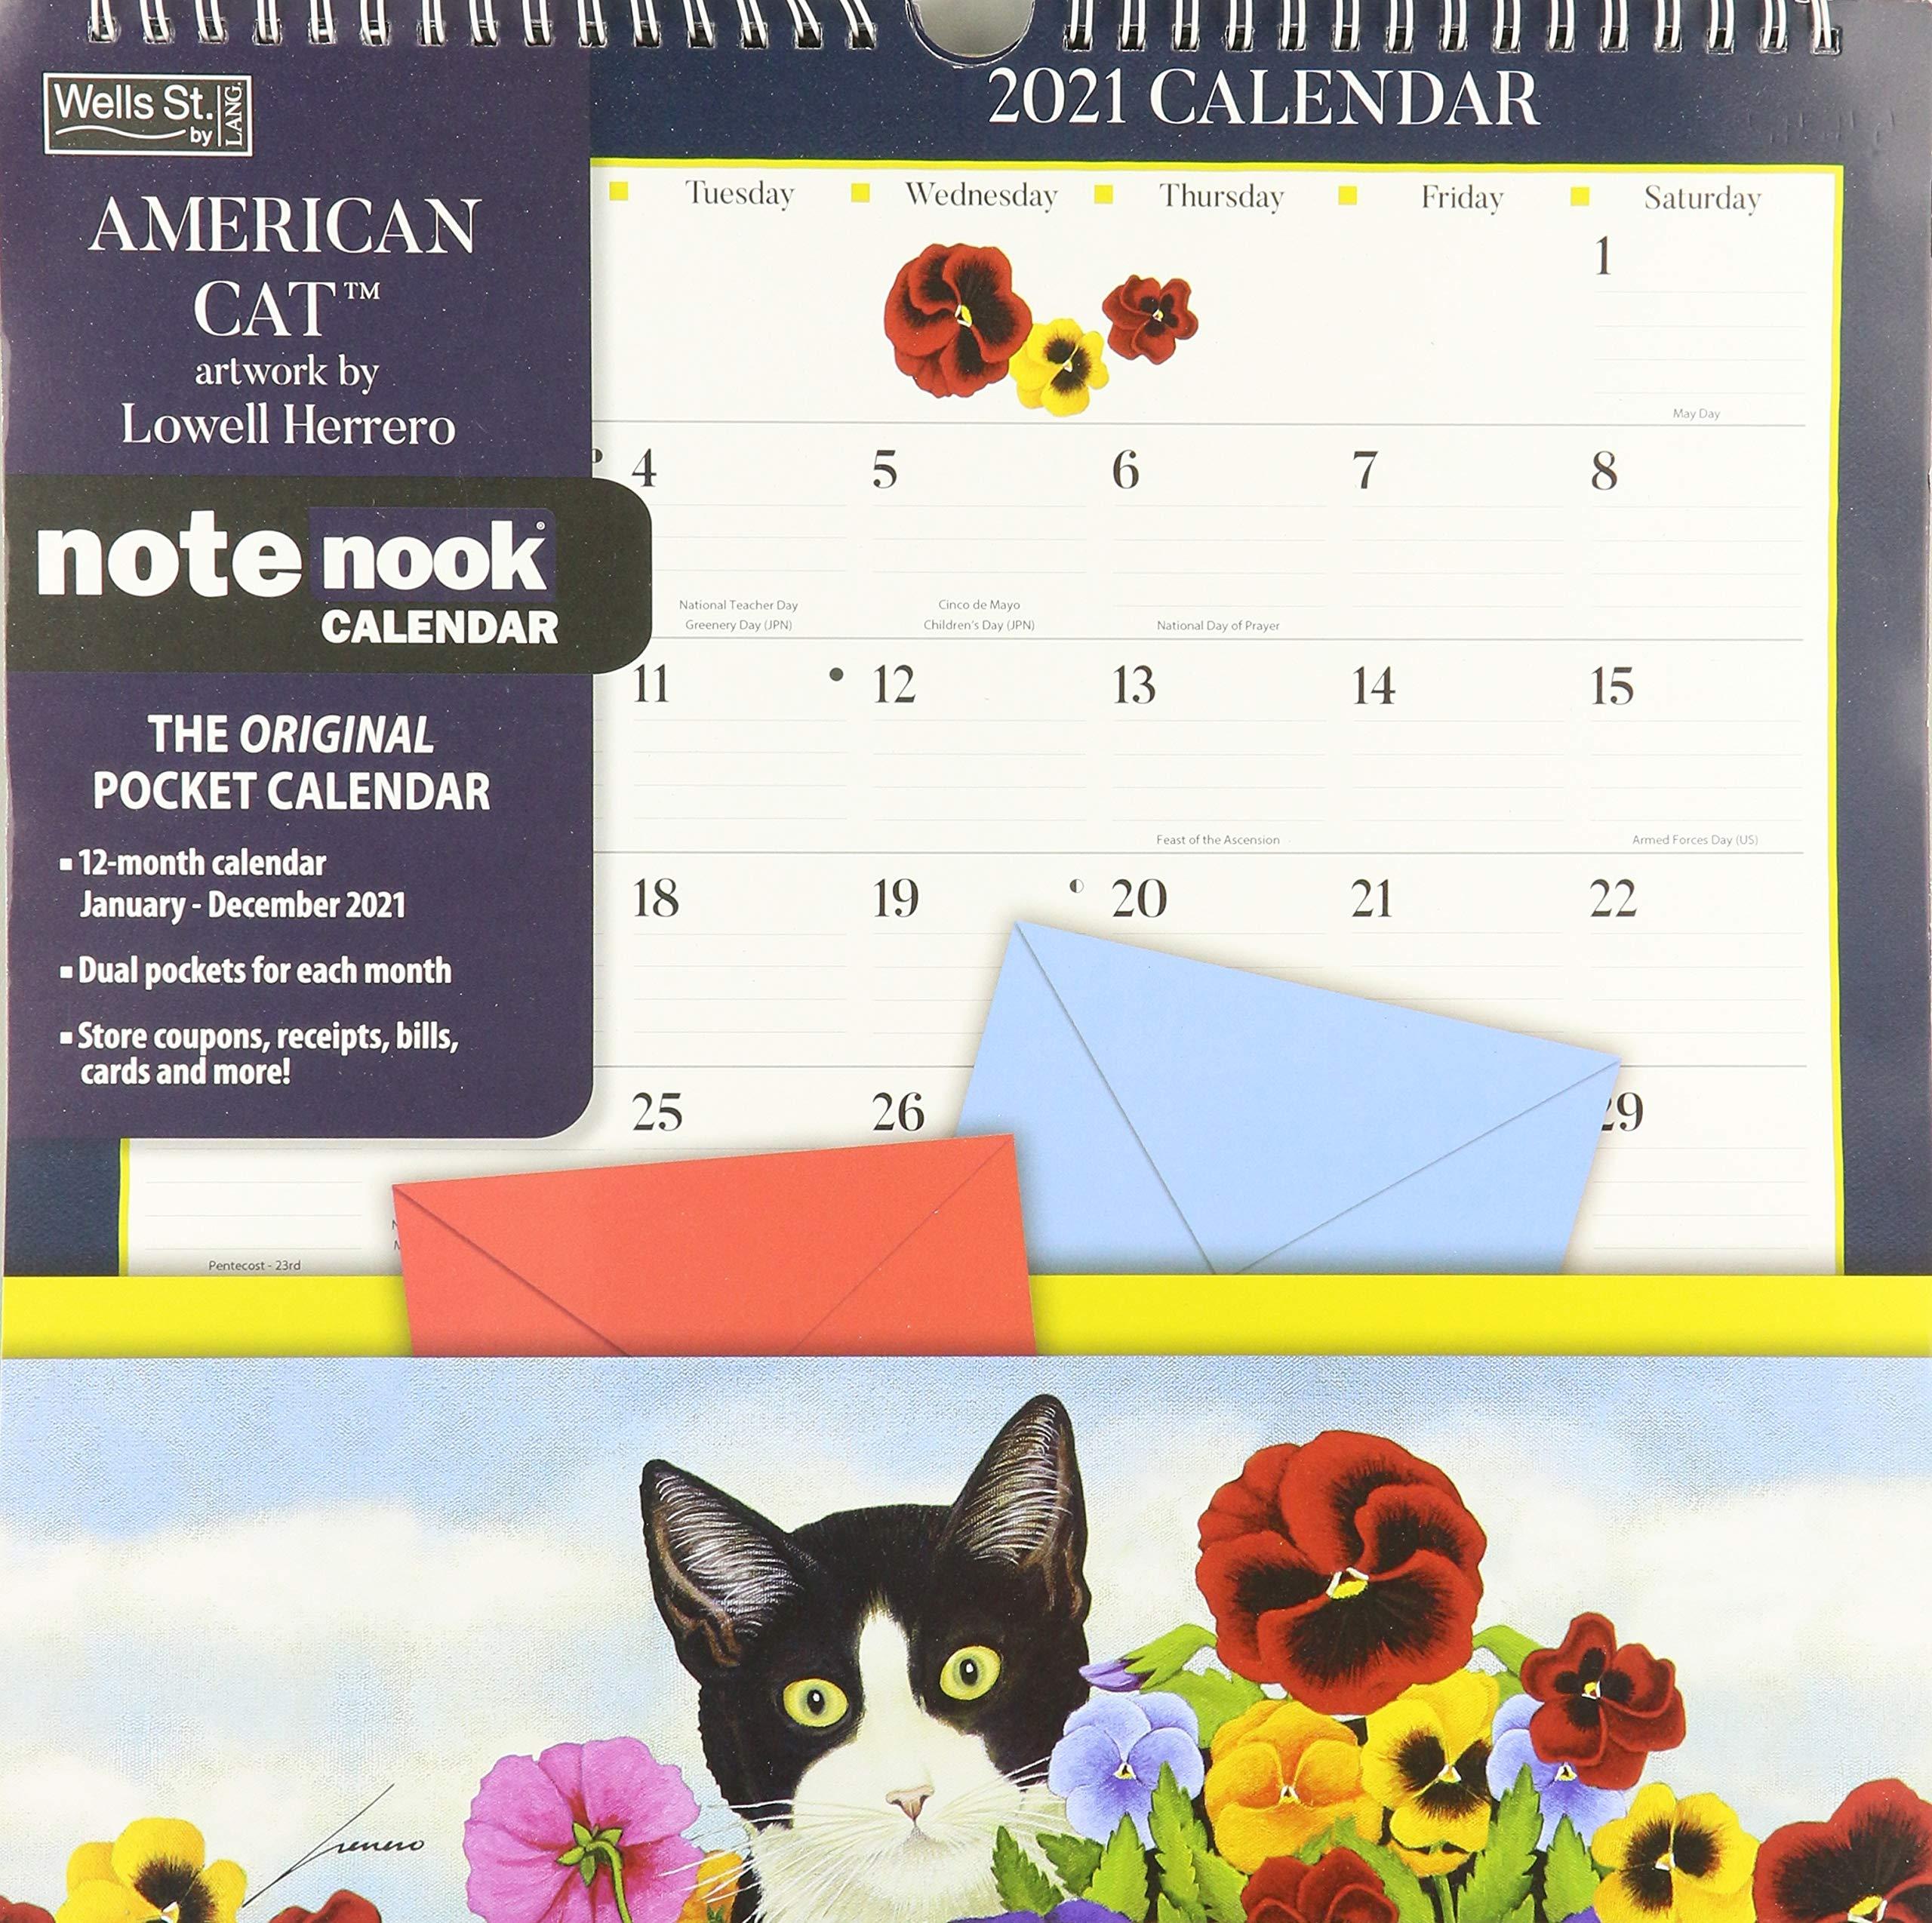 American Cat 2021 Note Nook Calendar